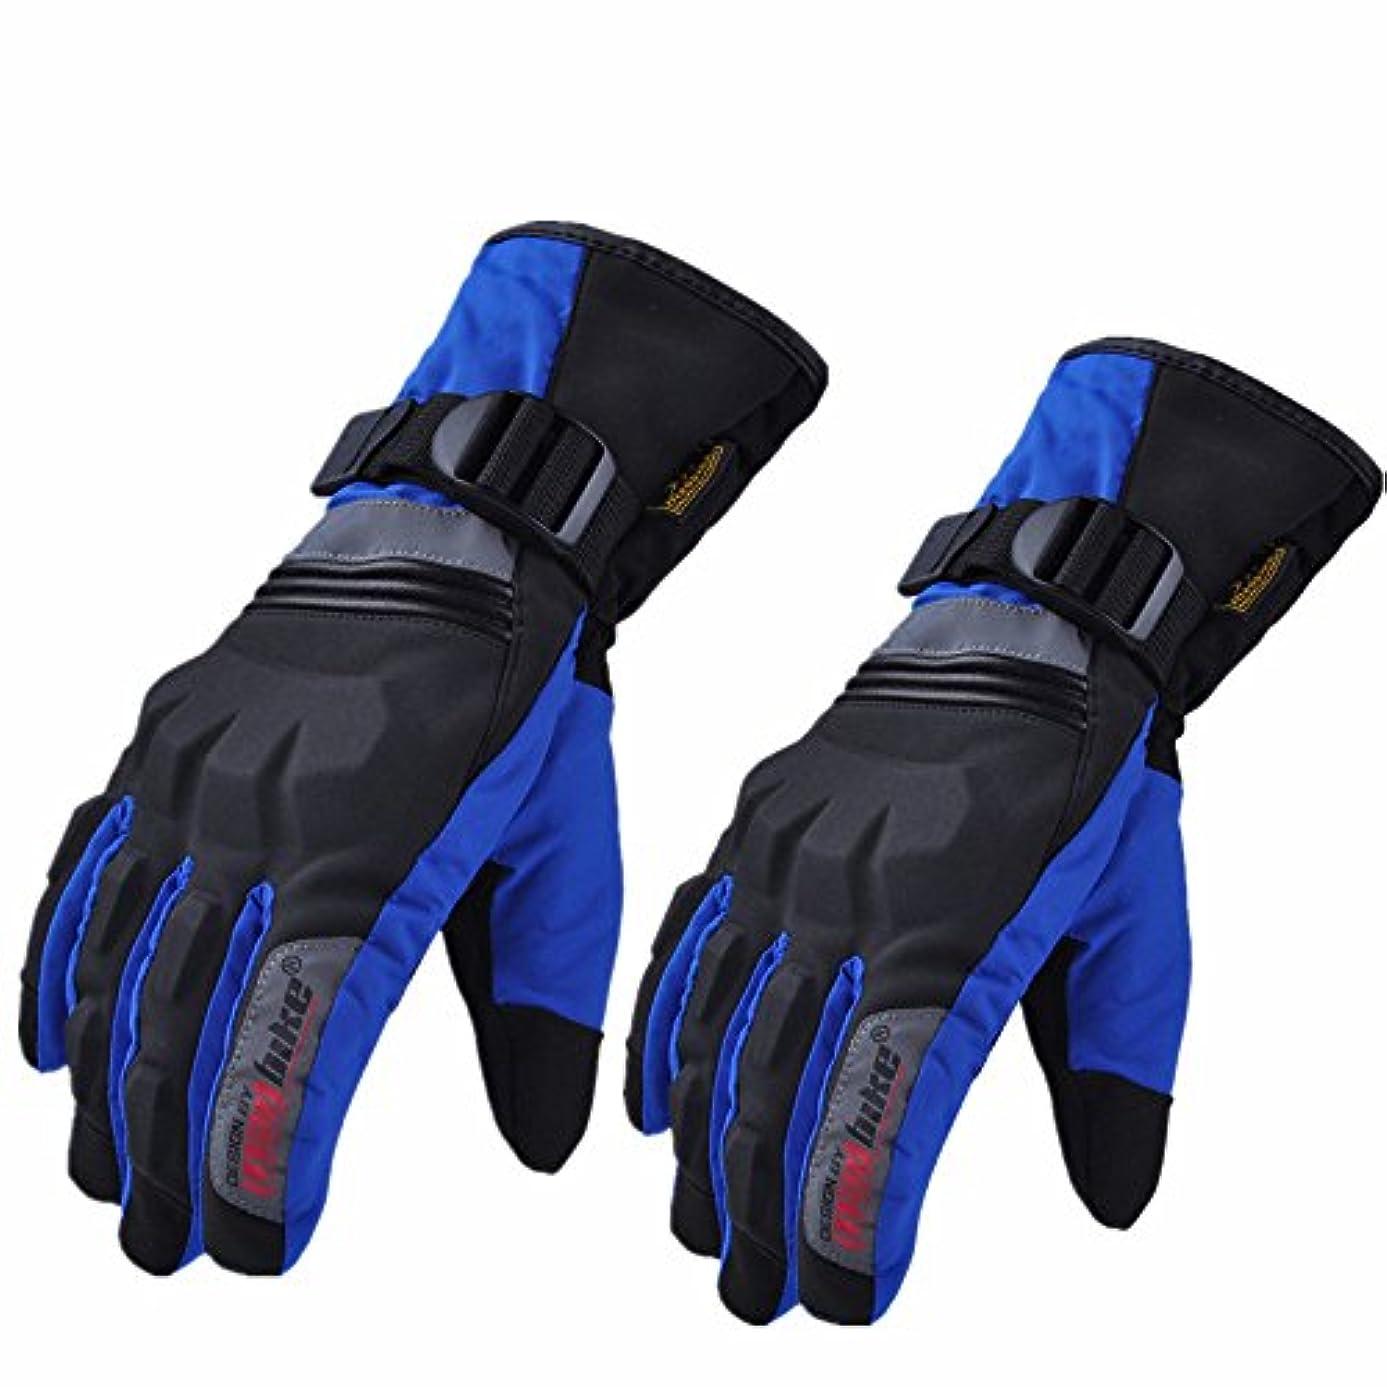 法王話パスポート快適 冬のオートバイの手袋 拡張する 厚い 防水 暖かく保つ 手袋 に適用する 乗る レーシング ハイキング 釣り (色 : 青, サイズ : L)